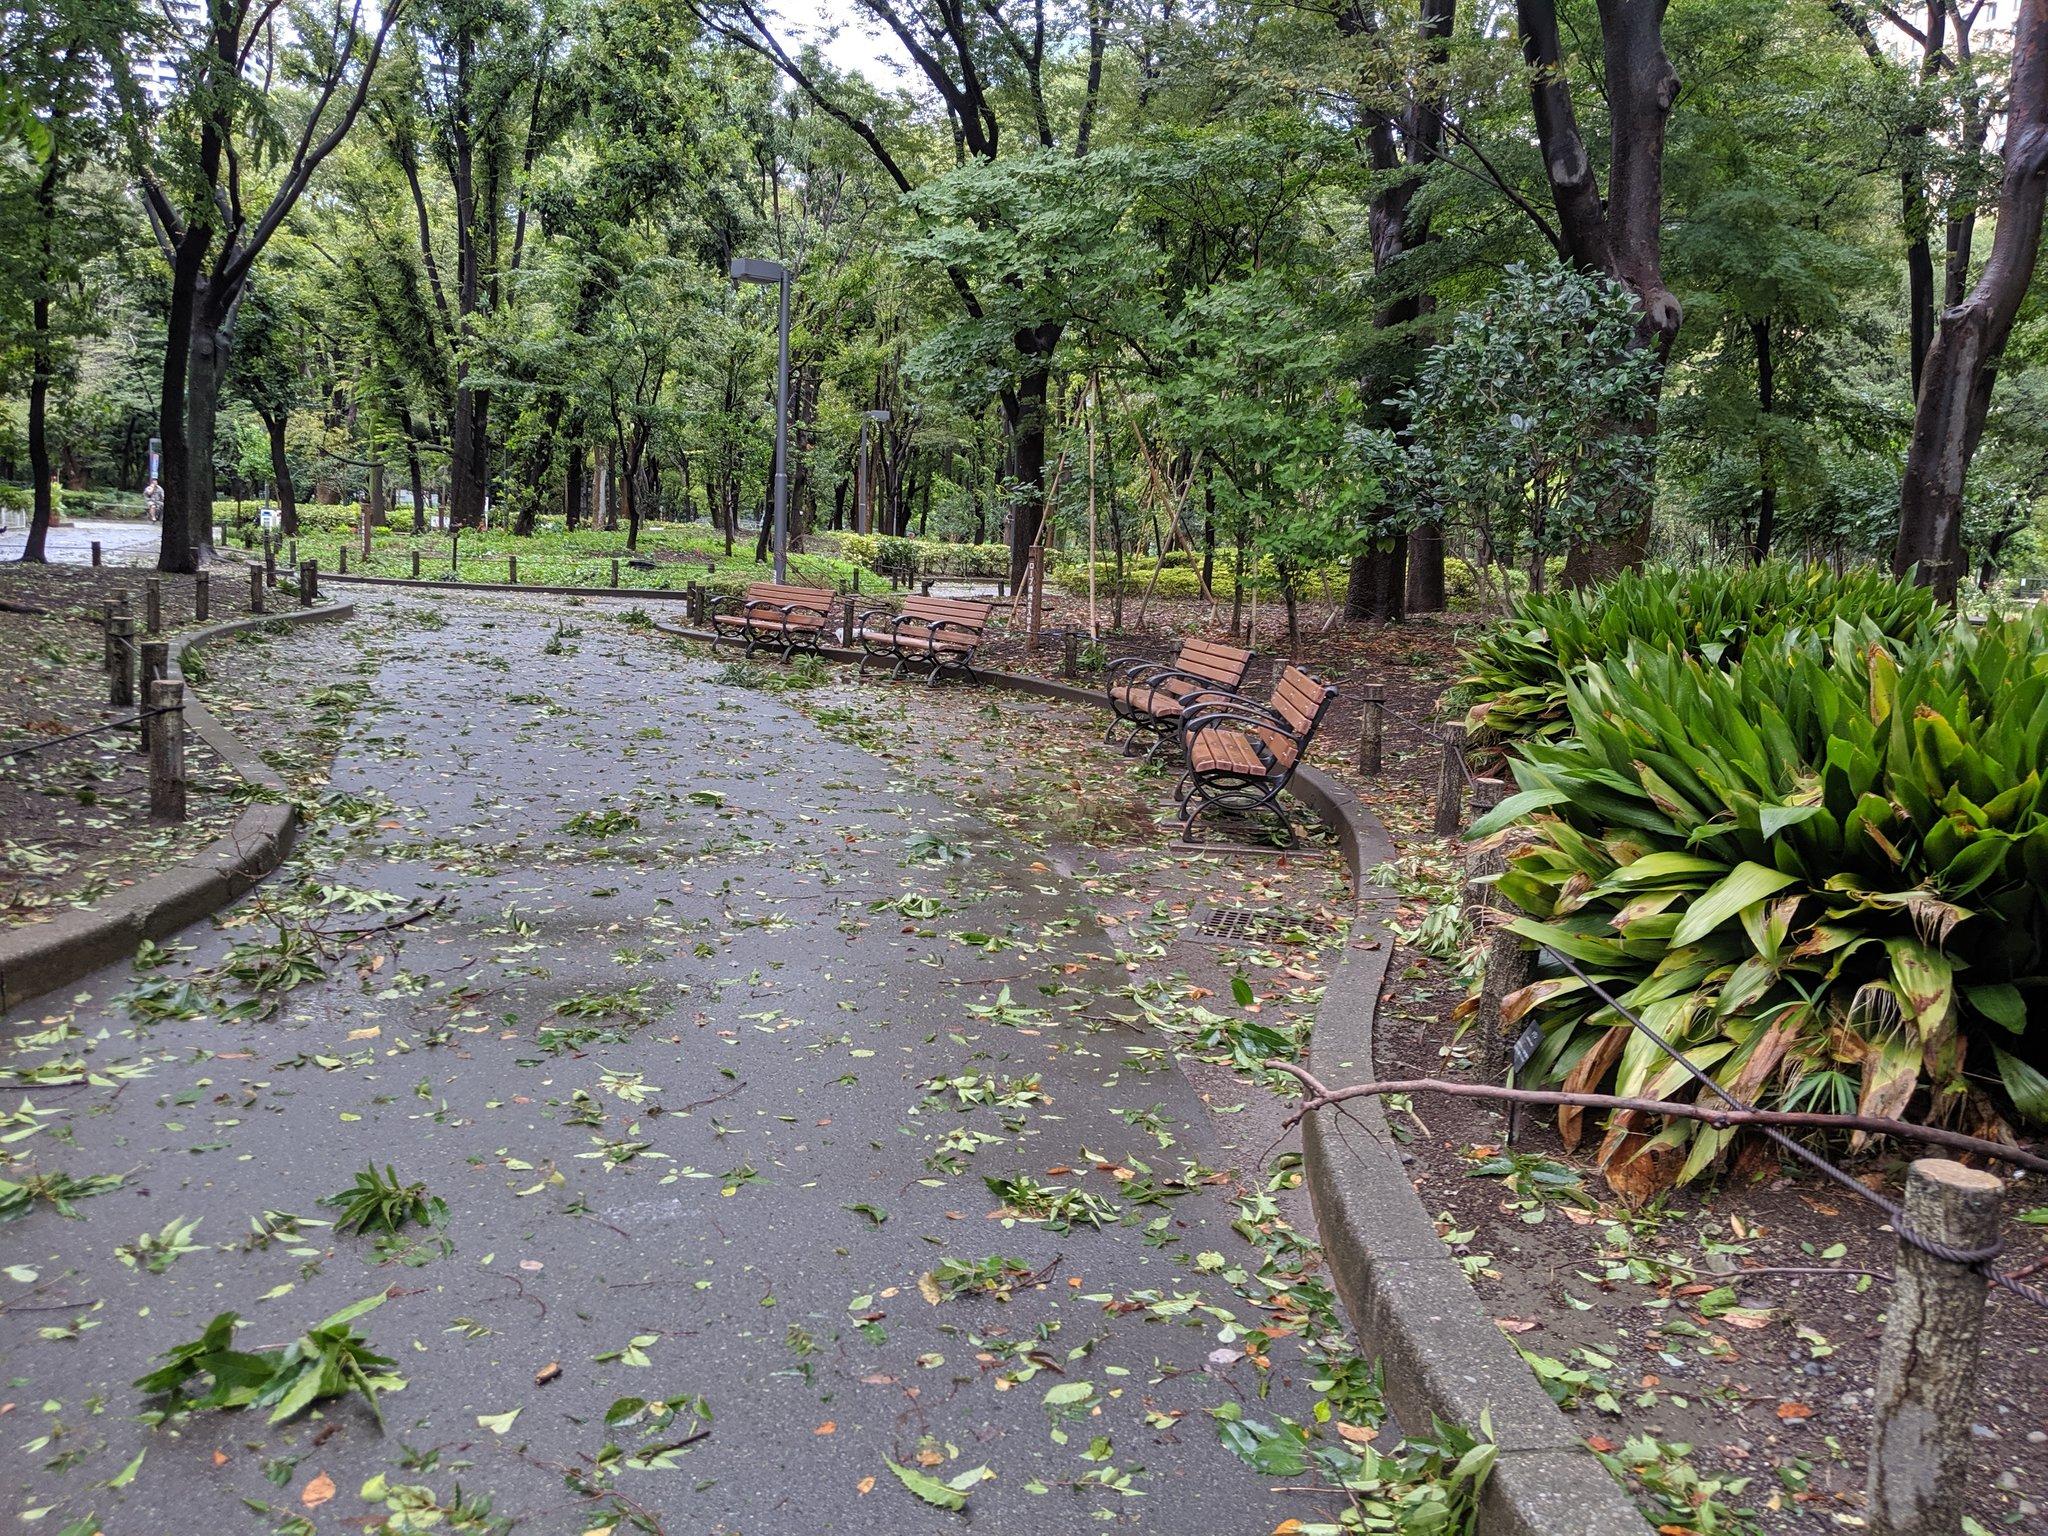 画像,台風後の新宿中央公園、倒木もなくひと安心。木の実がたくさん落ちてるので鳥達はエサに困らなそう https://t.co/V2BigN9506…